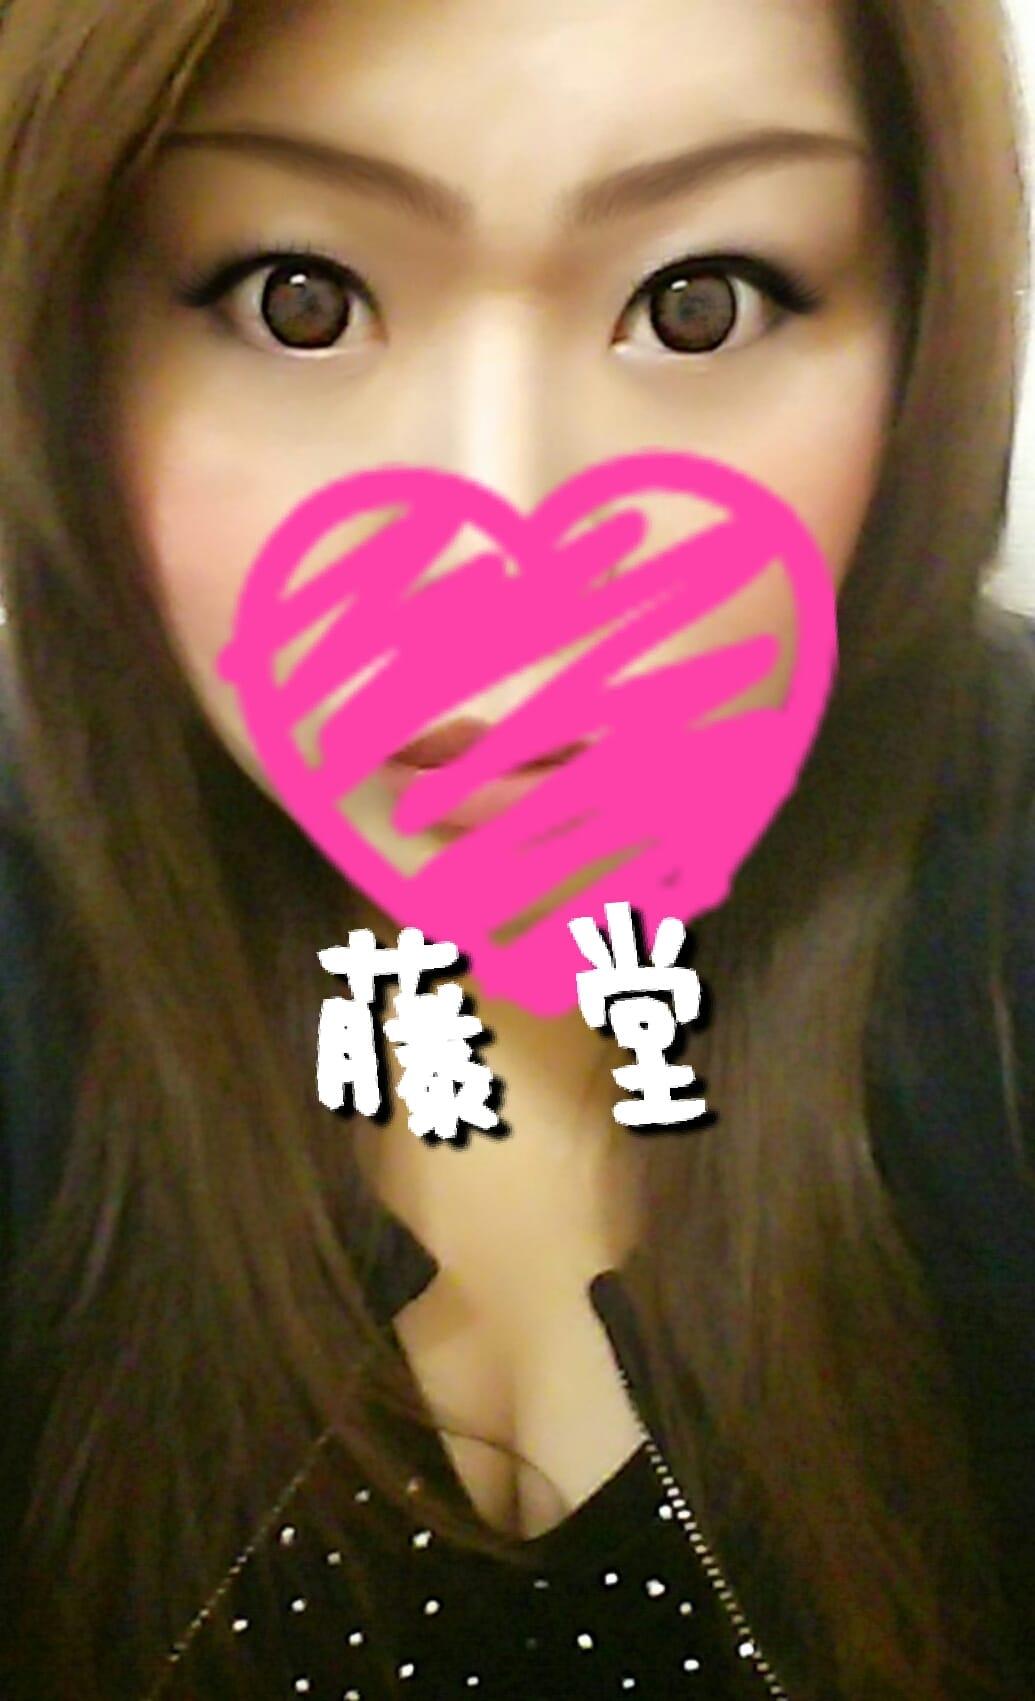 藤堂「出勤♪」10/16(月) 20:32   藤堂の写メ・風俗動画